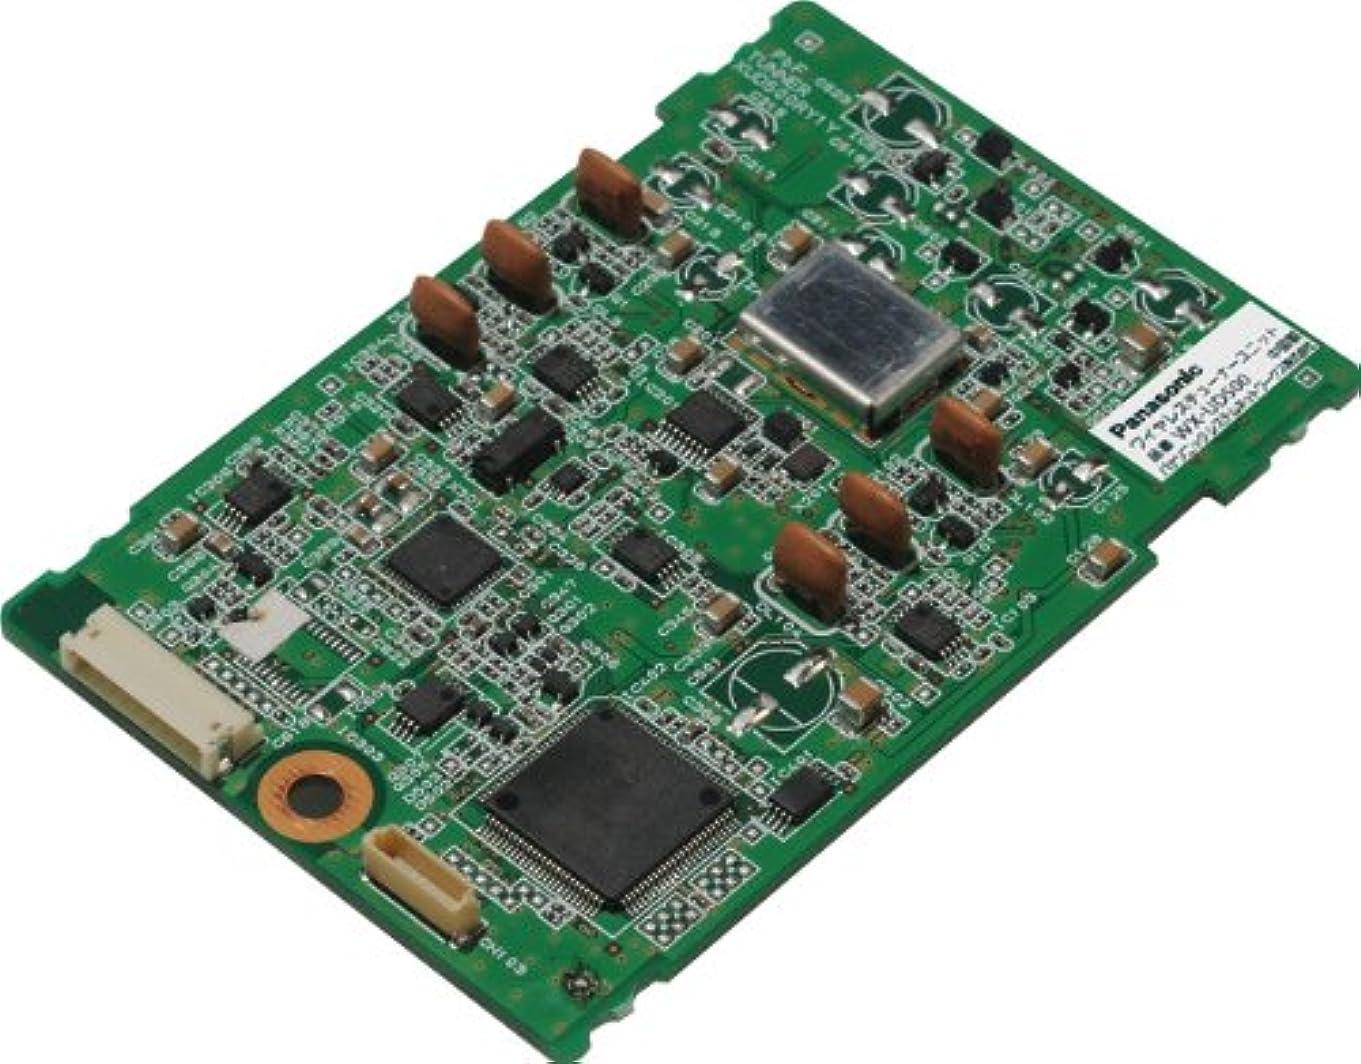 会議高度な耕すパナソニック 増設用800 MHz帯ワイヤレスチューナーユニット WX-UD500